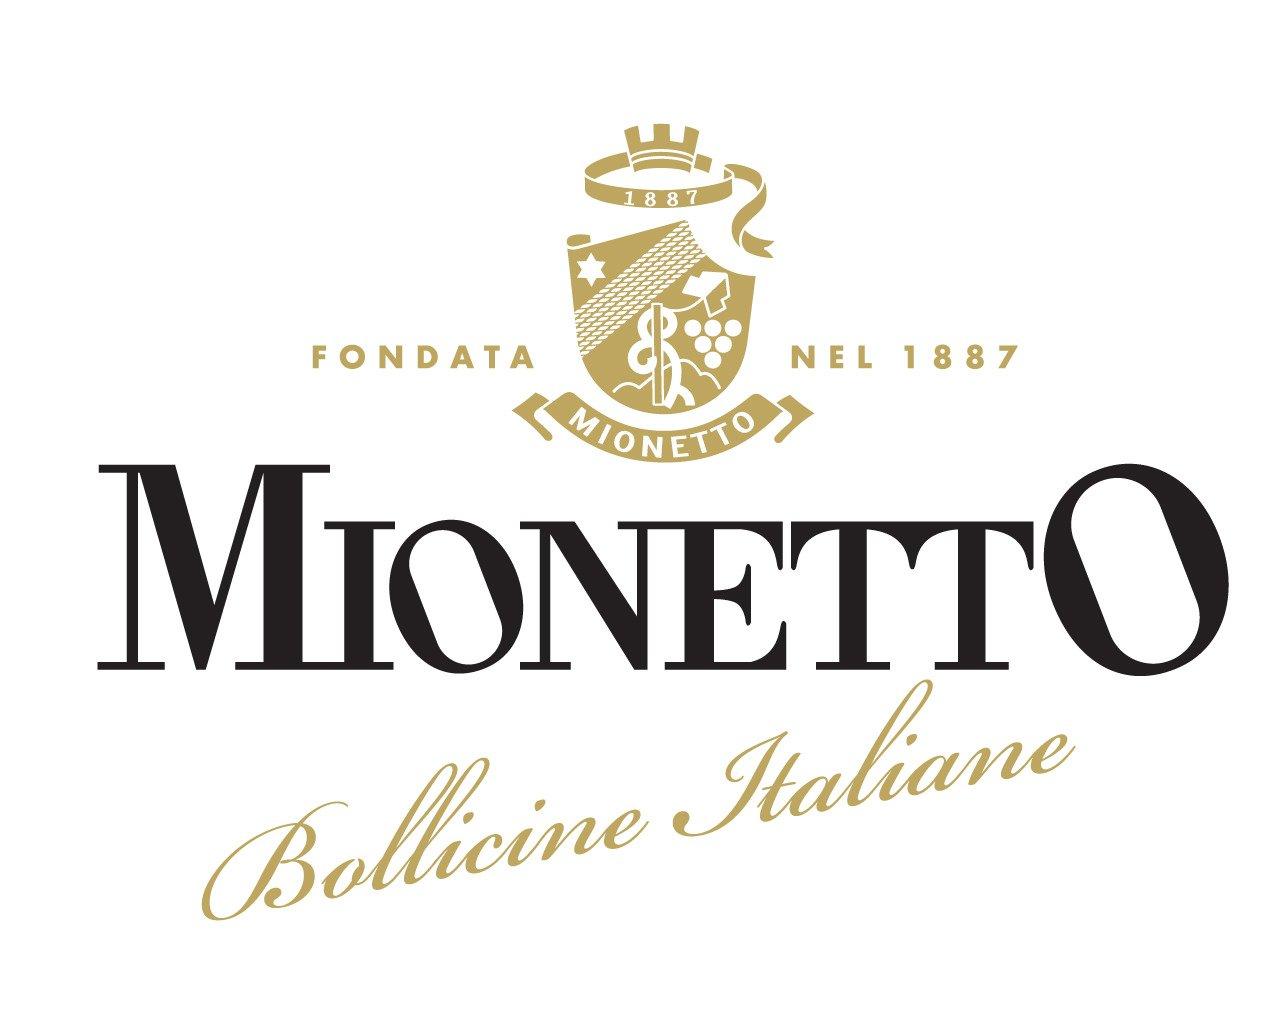 Mionetto, da oltre 10 anni promuove il territorio di Valdobbiadene e la sua docg